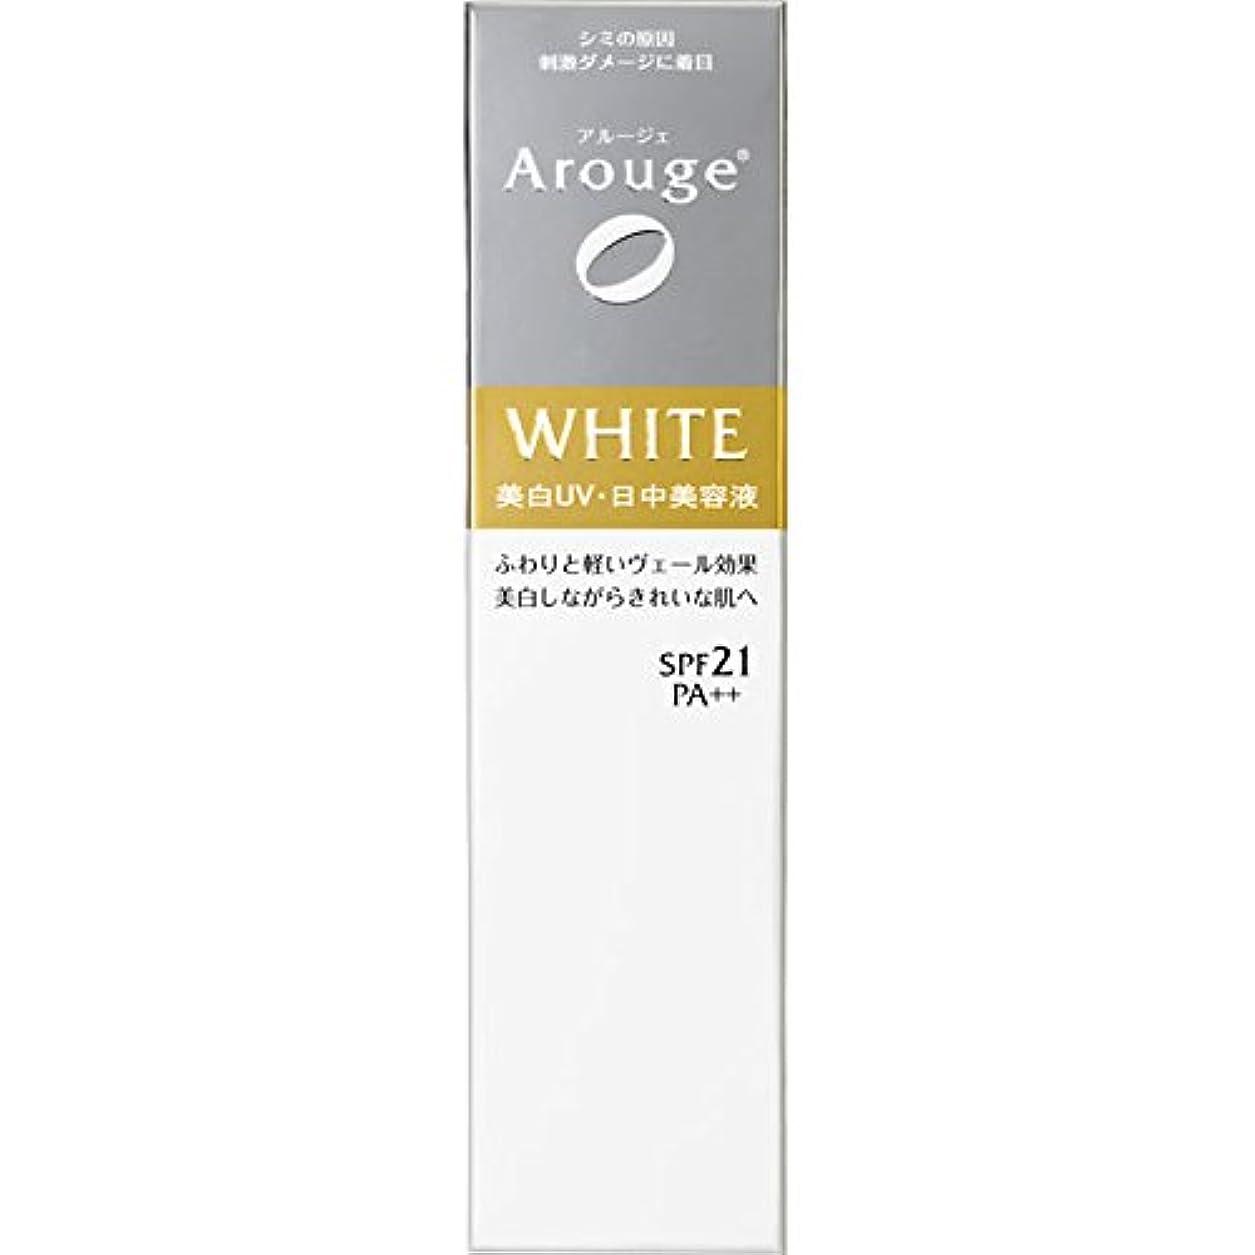 ブラケット歯科の割れ目アルージェ ホワイトニング UVデイエッセンス 30g (美白UV日中美容液)